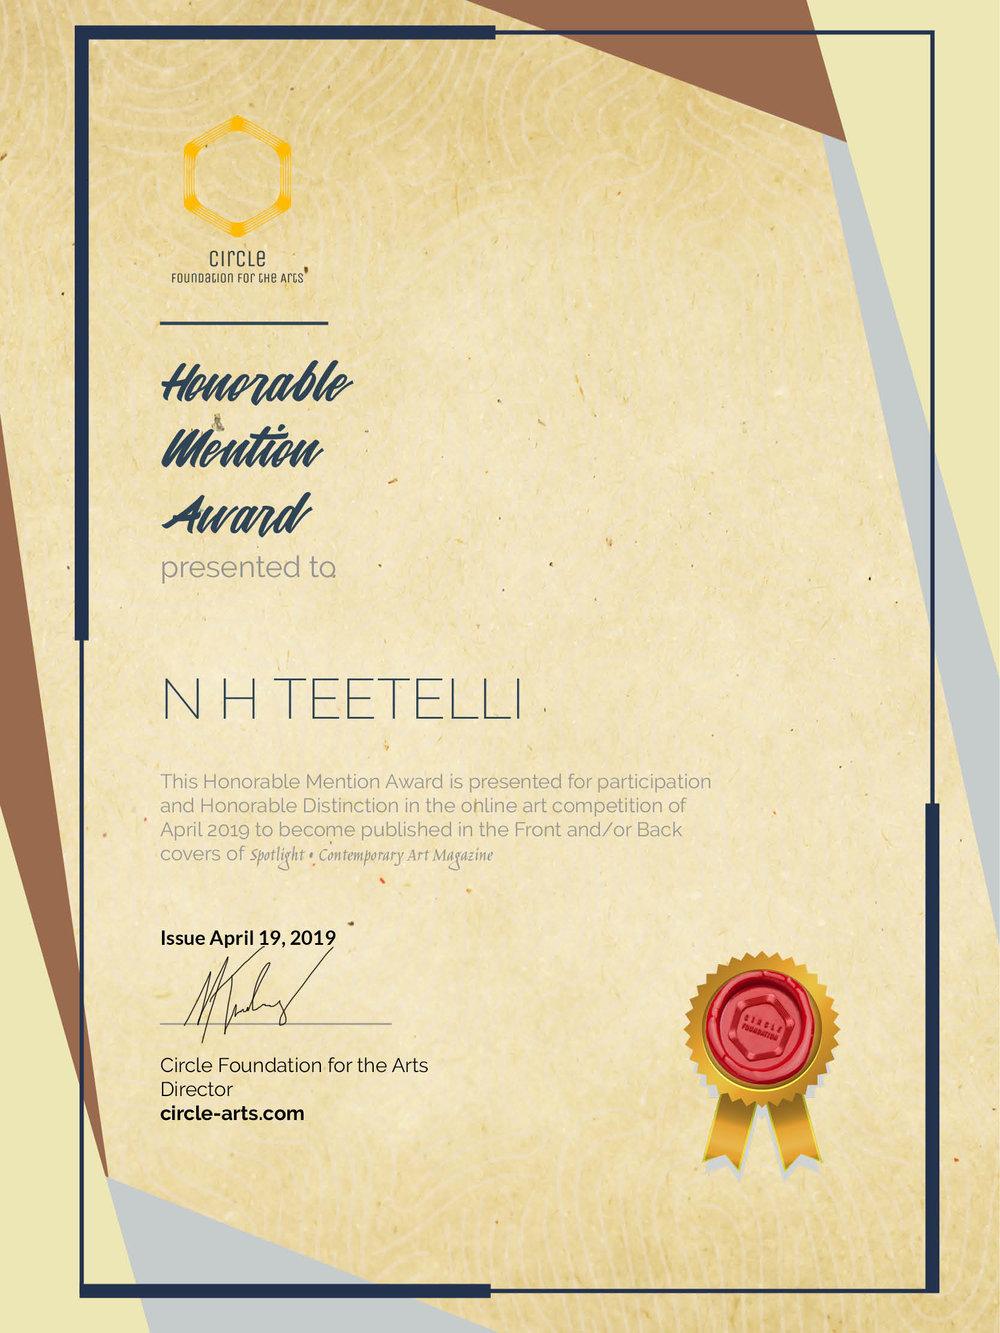 CFACoverContest-Honorable Mention N H Teetelli.jpg